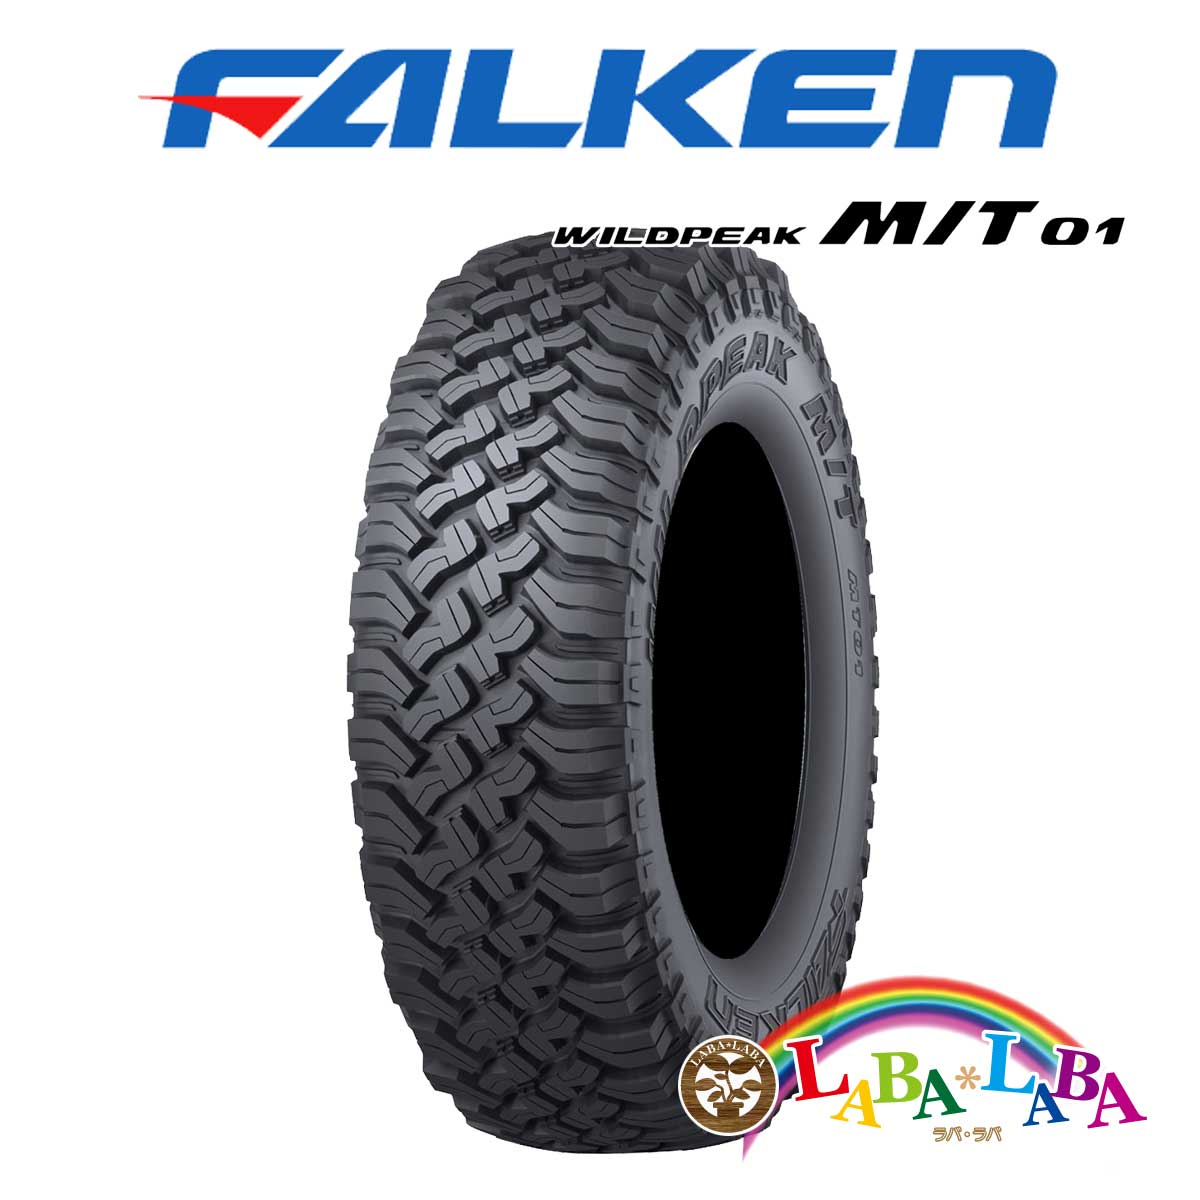 FALKEN ファルケン WILDPEAK ワイルドピーク MT01 285/70R17 121/118Q マッドテレーン SUV 4WD